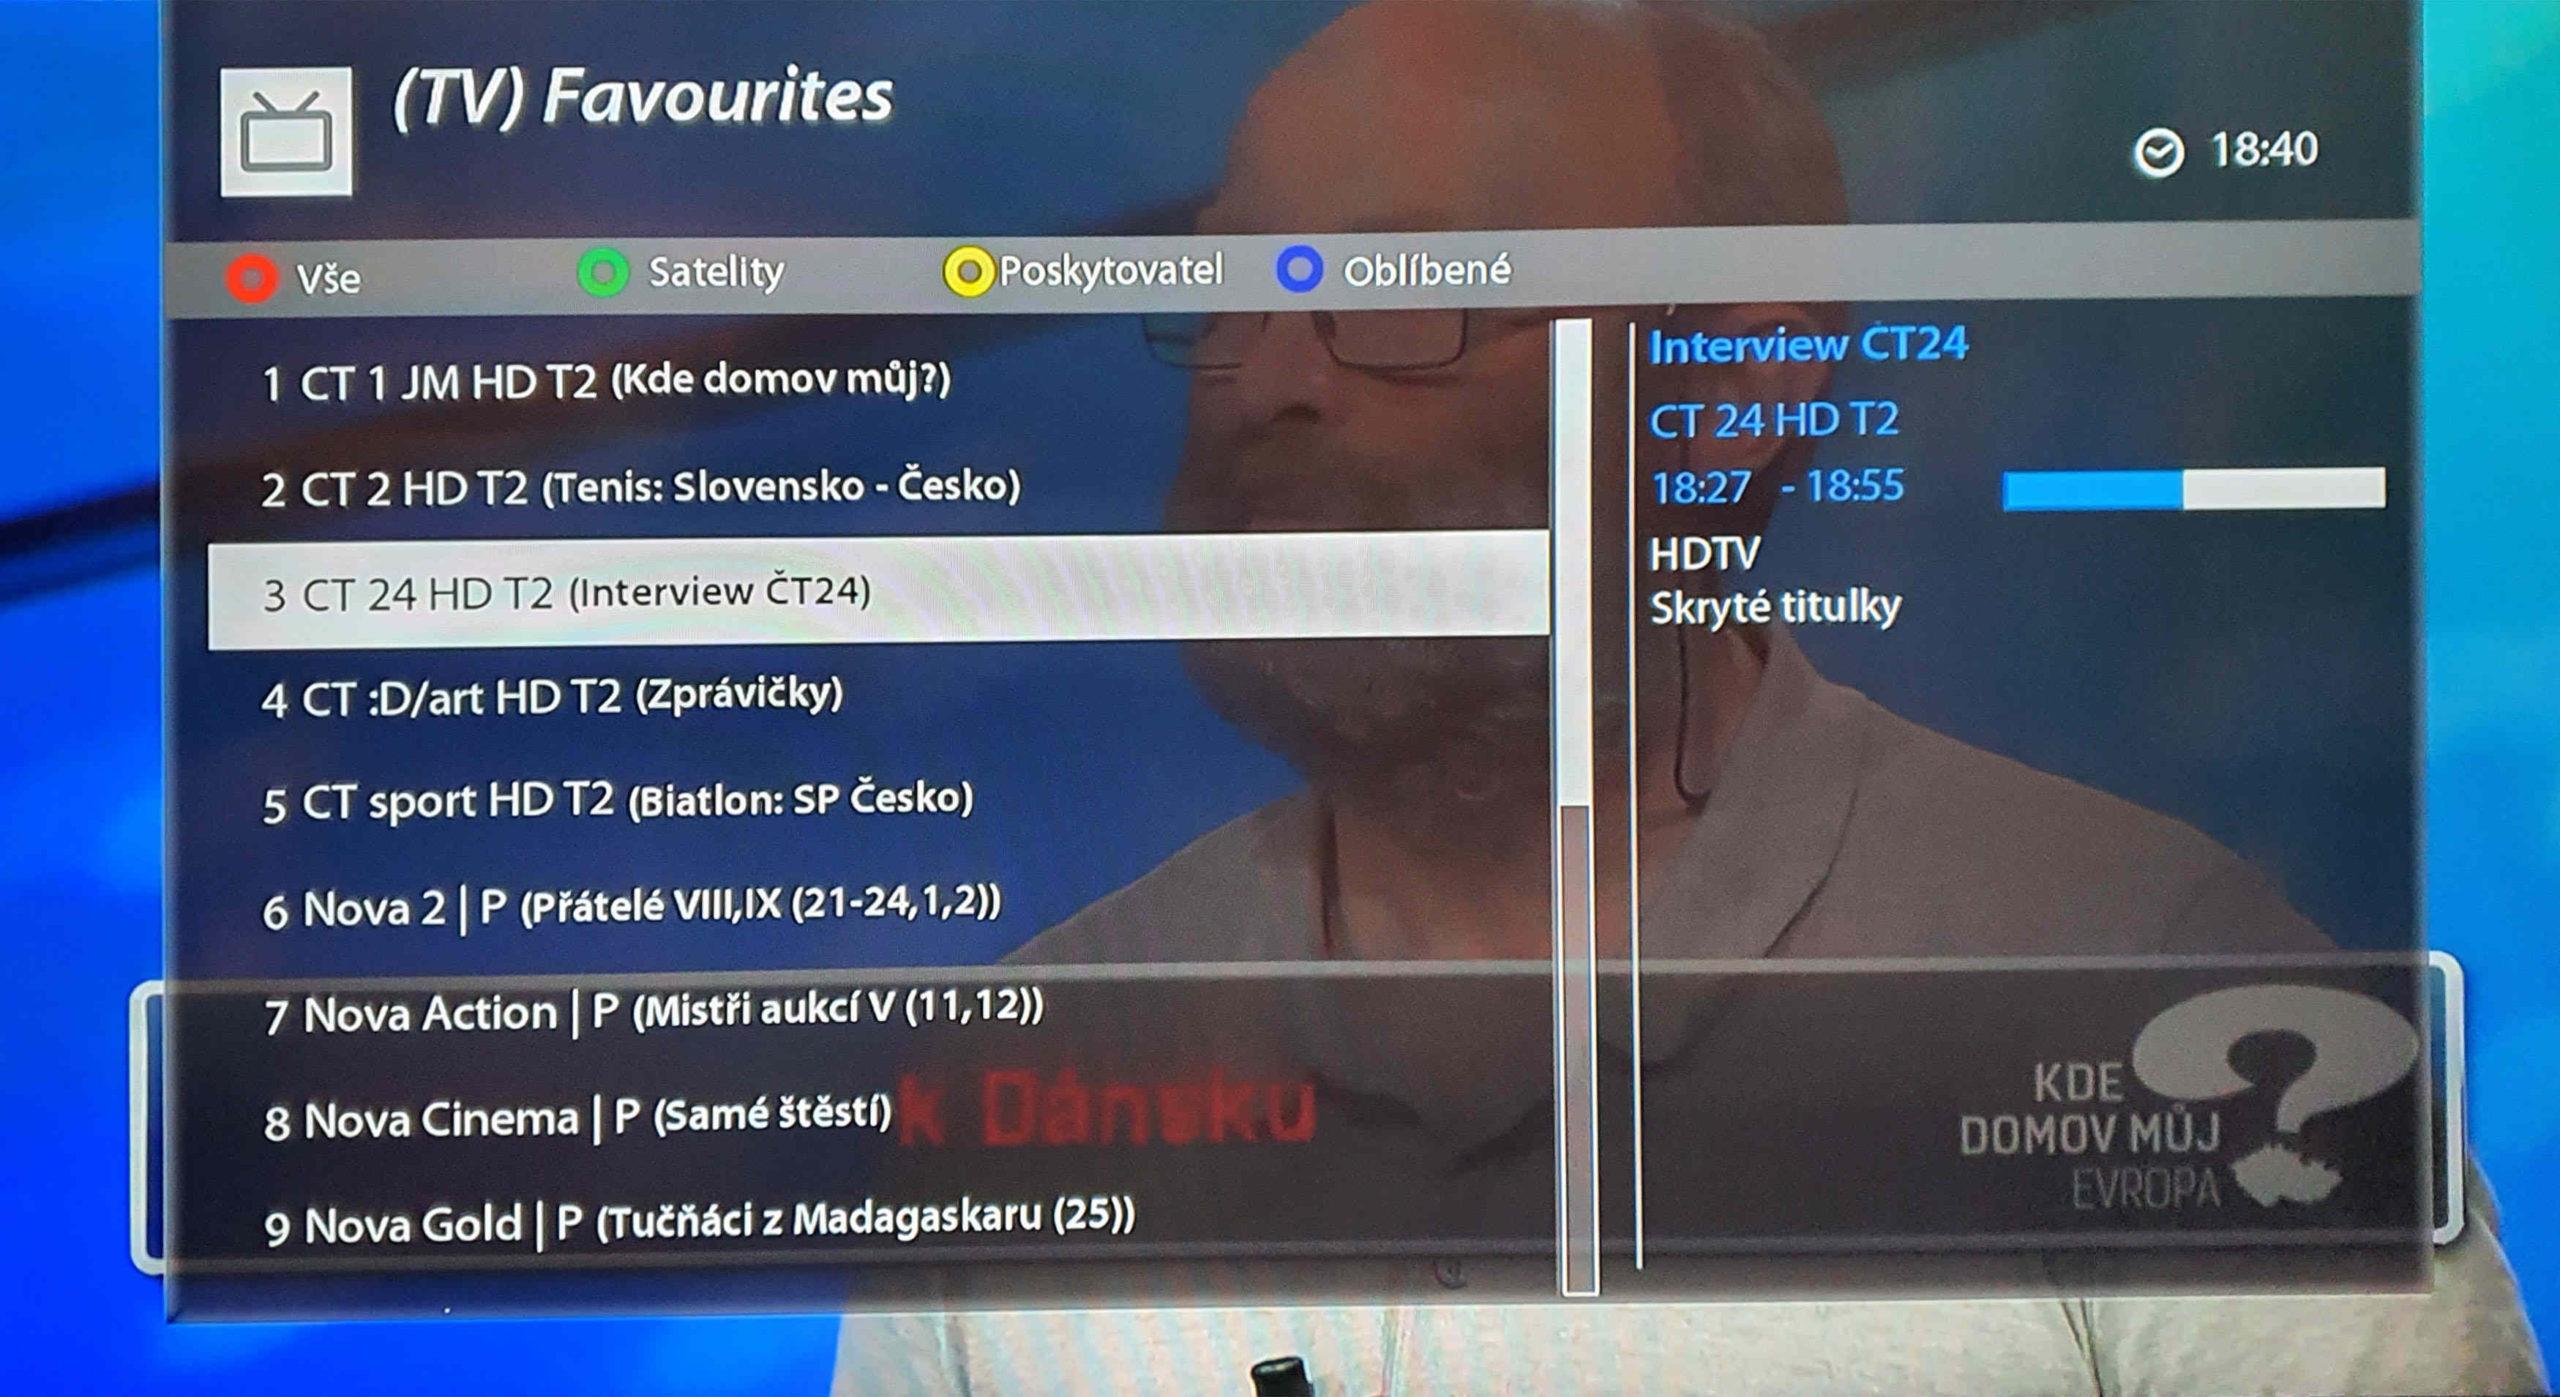 Seznam oblíbených programů na zařízení  VU+ Zero 4K